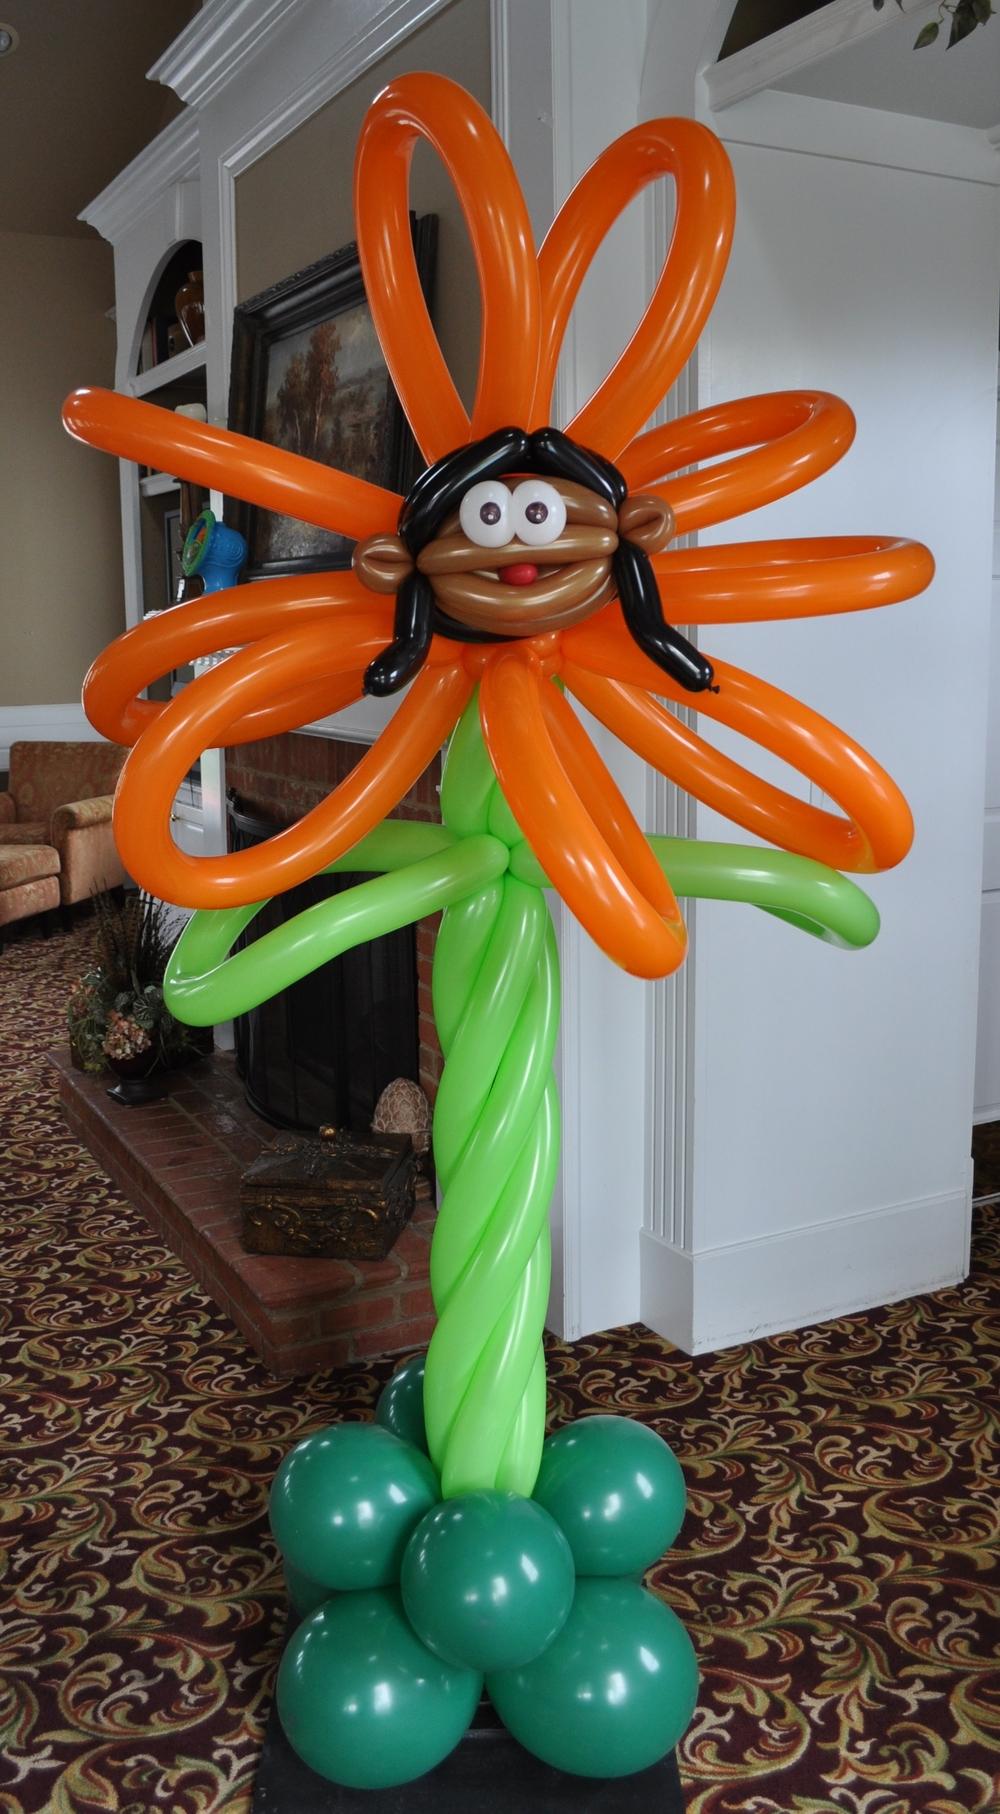 Alice in wonderland balloon orange talking flower